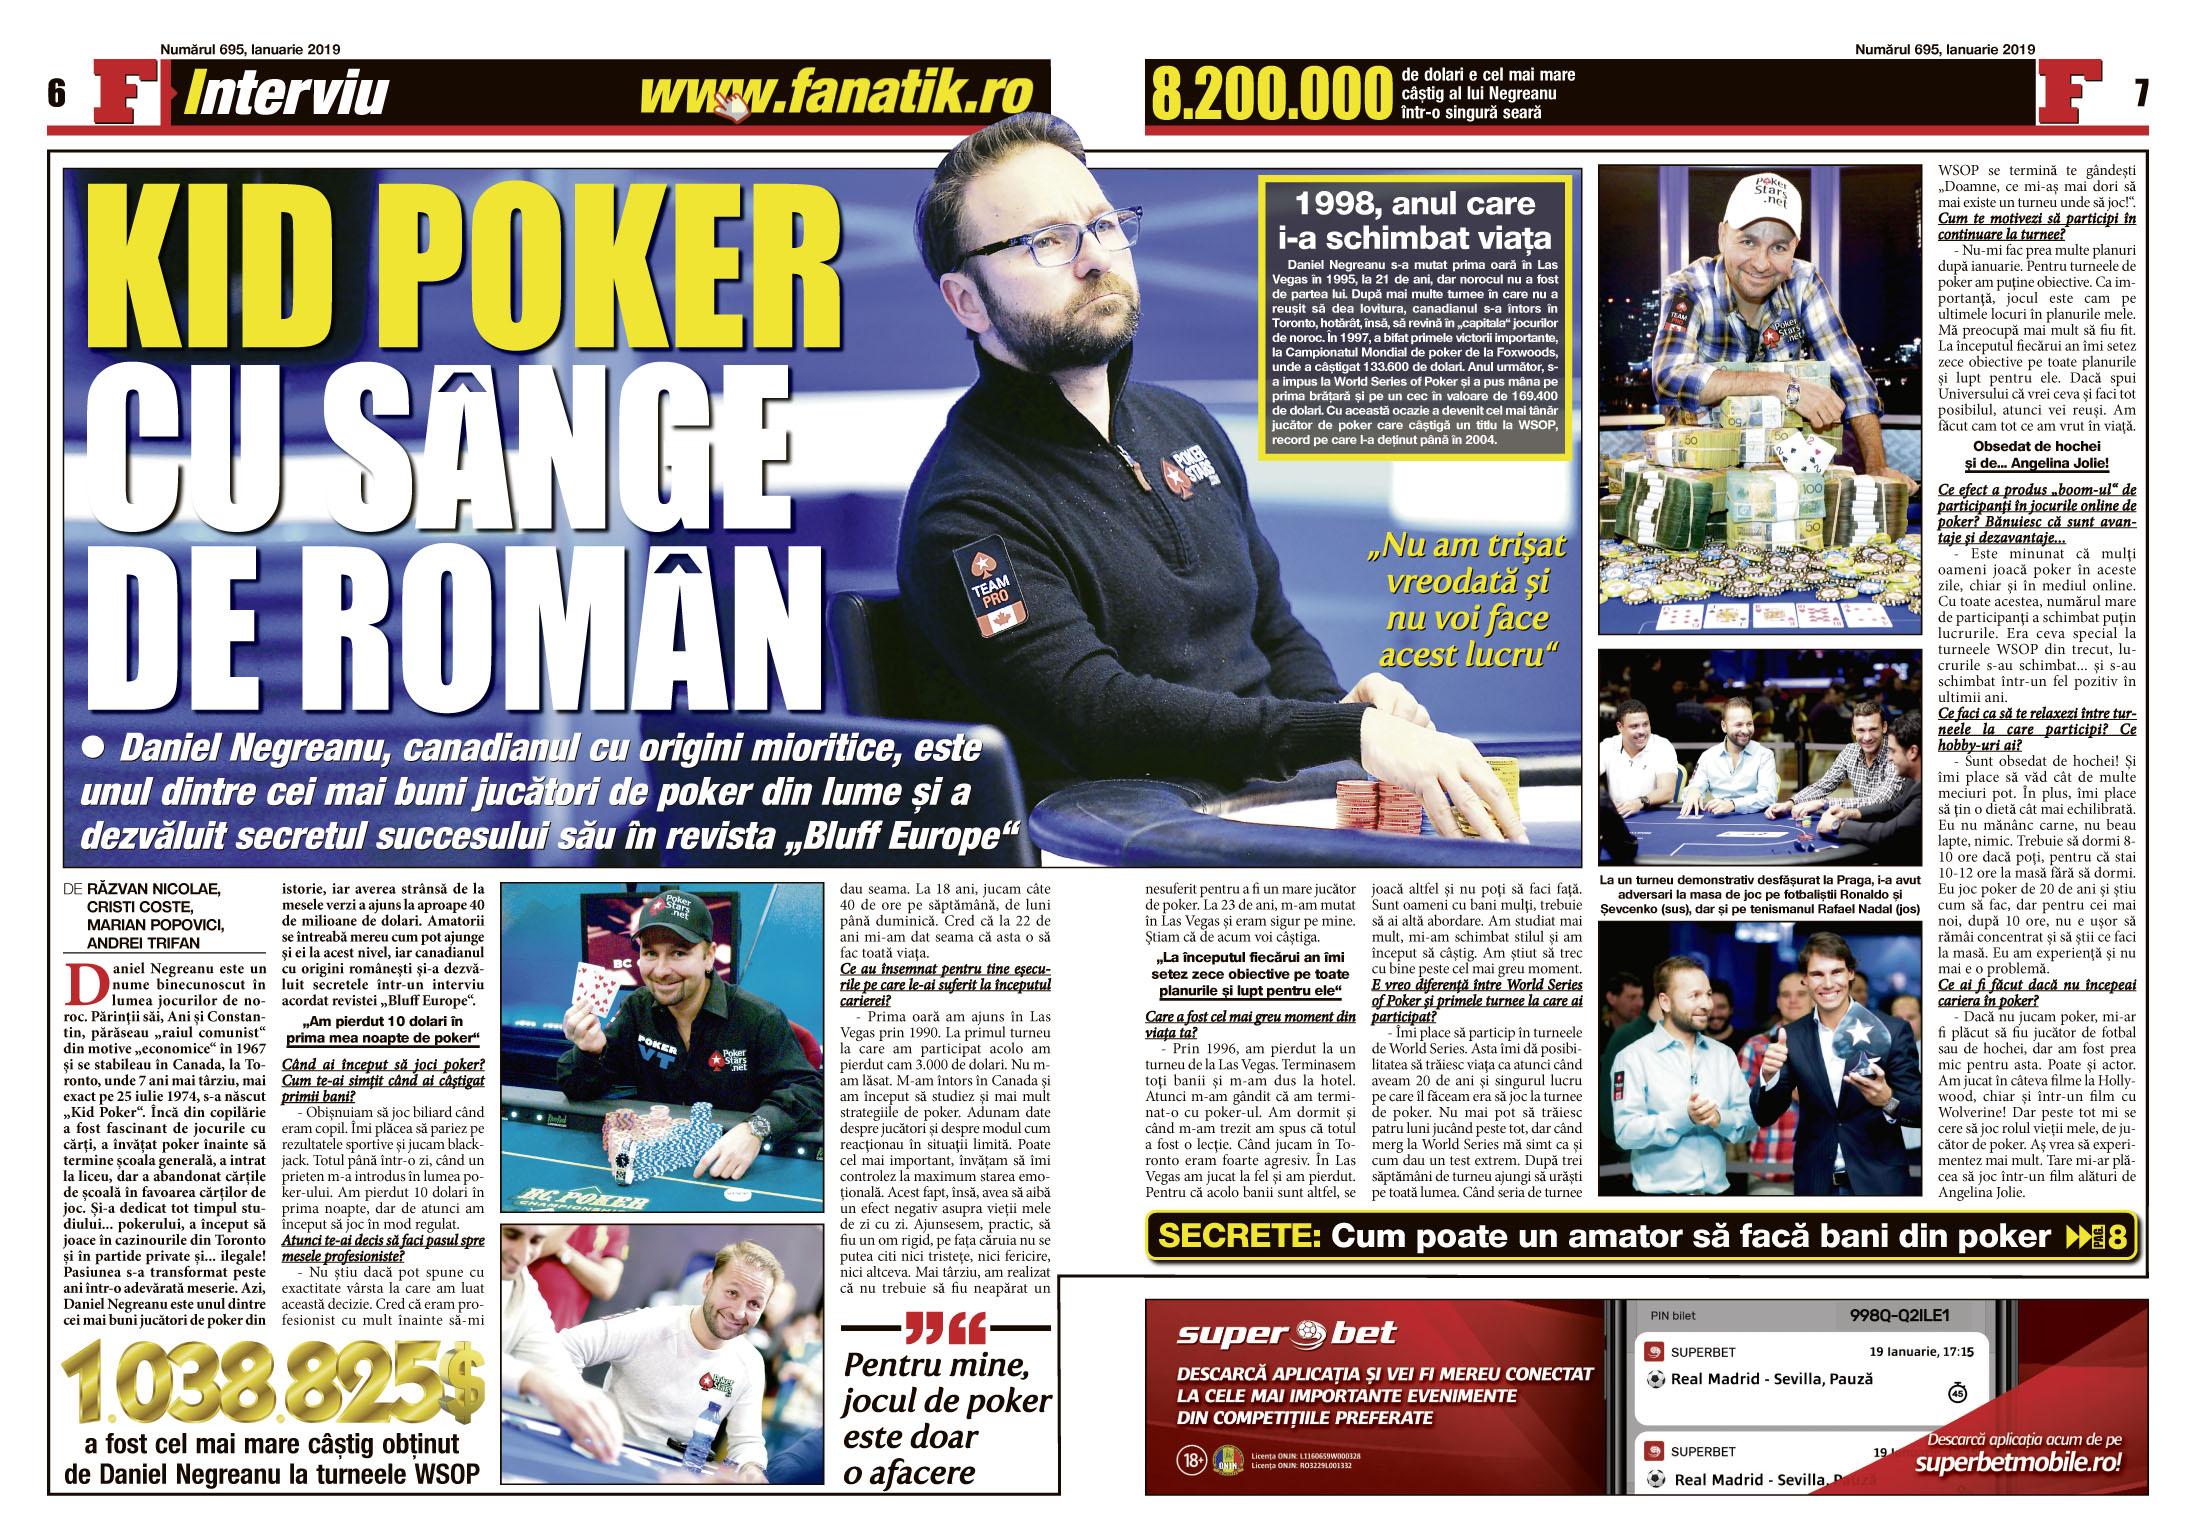 Daniel Negrenu, interviu spectaculos în revista FANATIK din ianuarie! Cel mai bun jucător de poker are